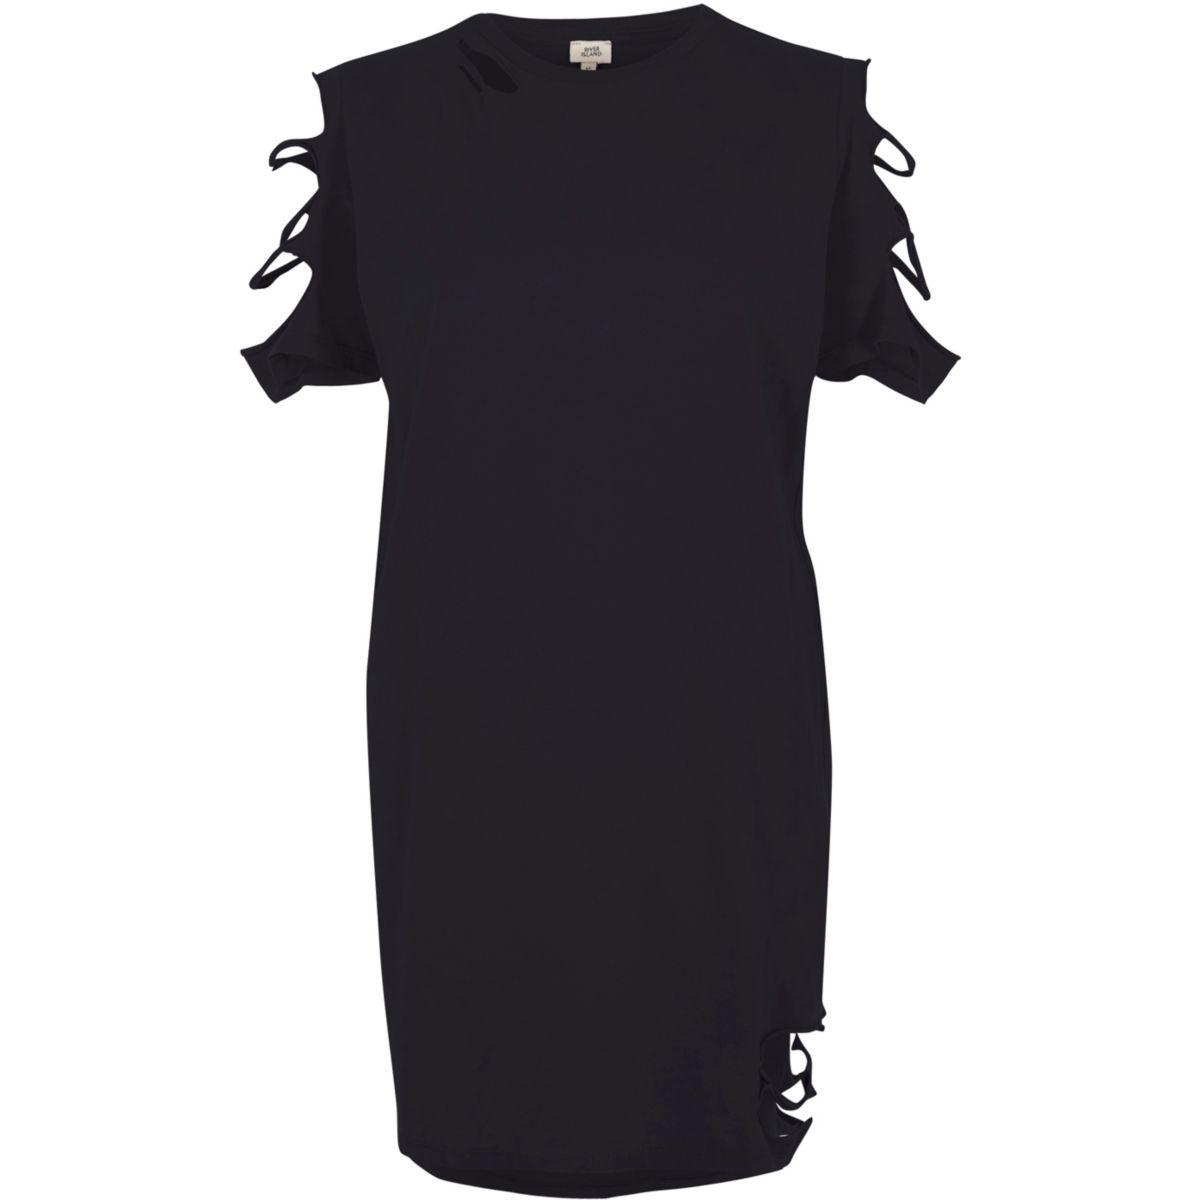 Black washed slashed oversized T-shirt